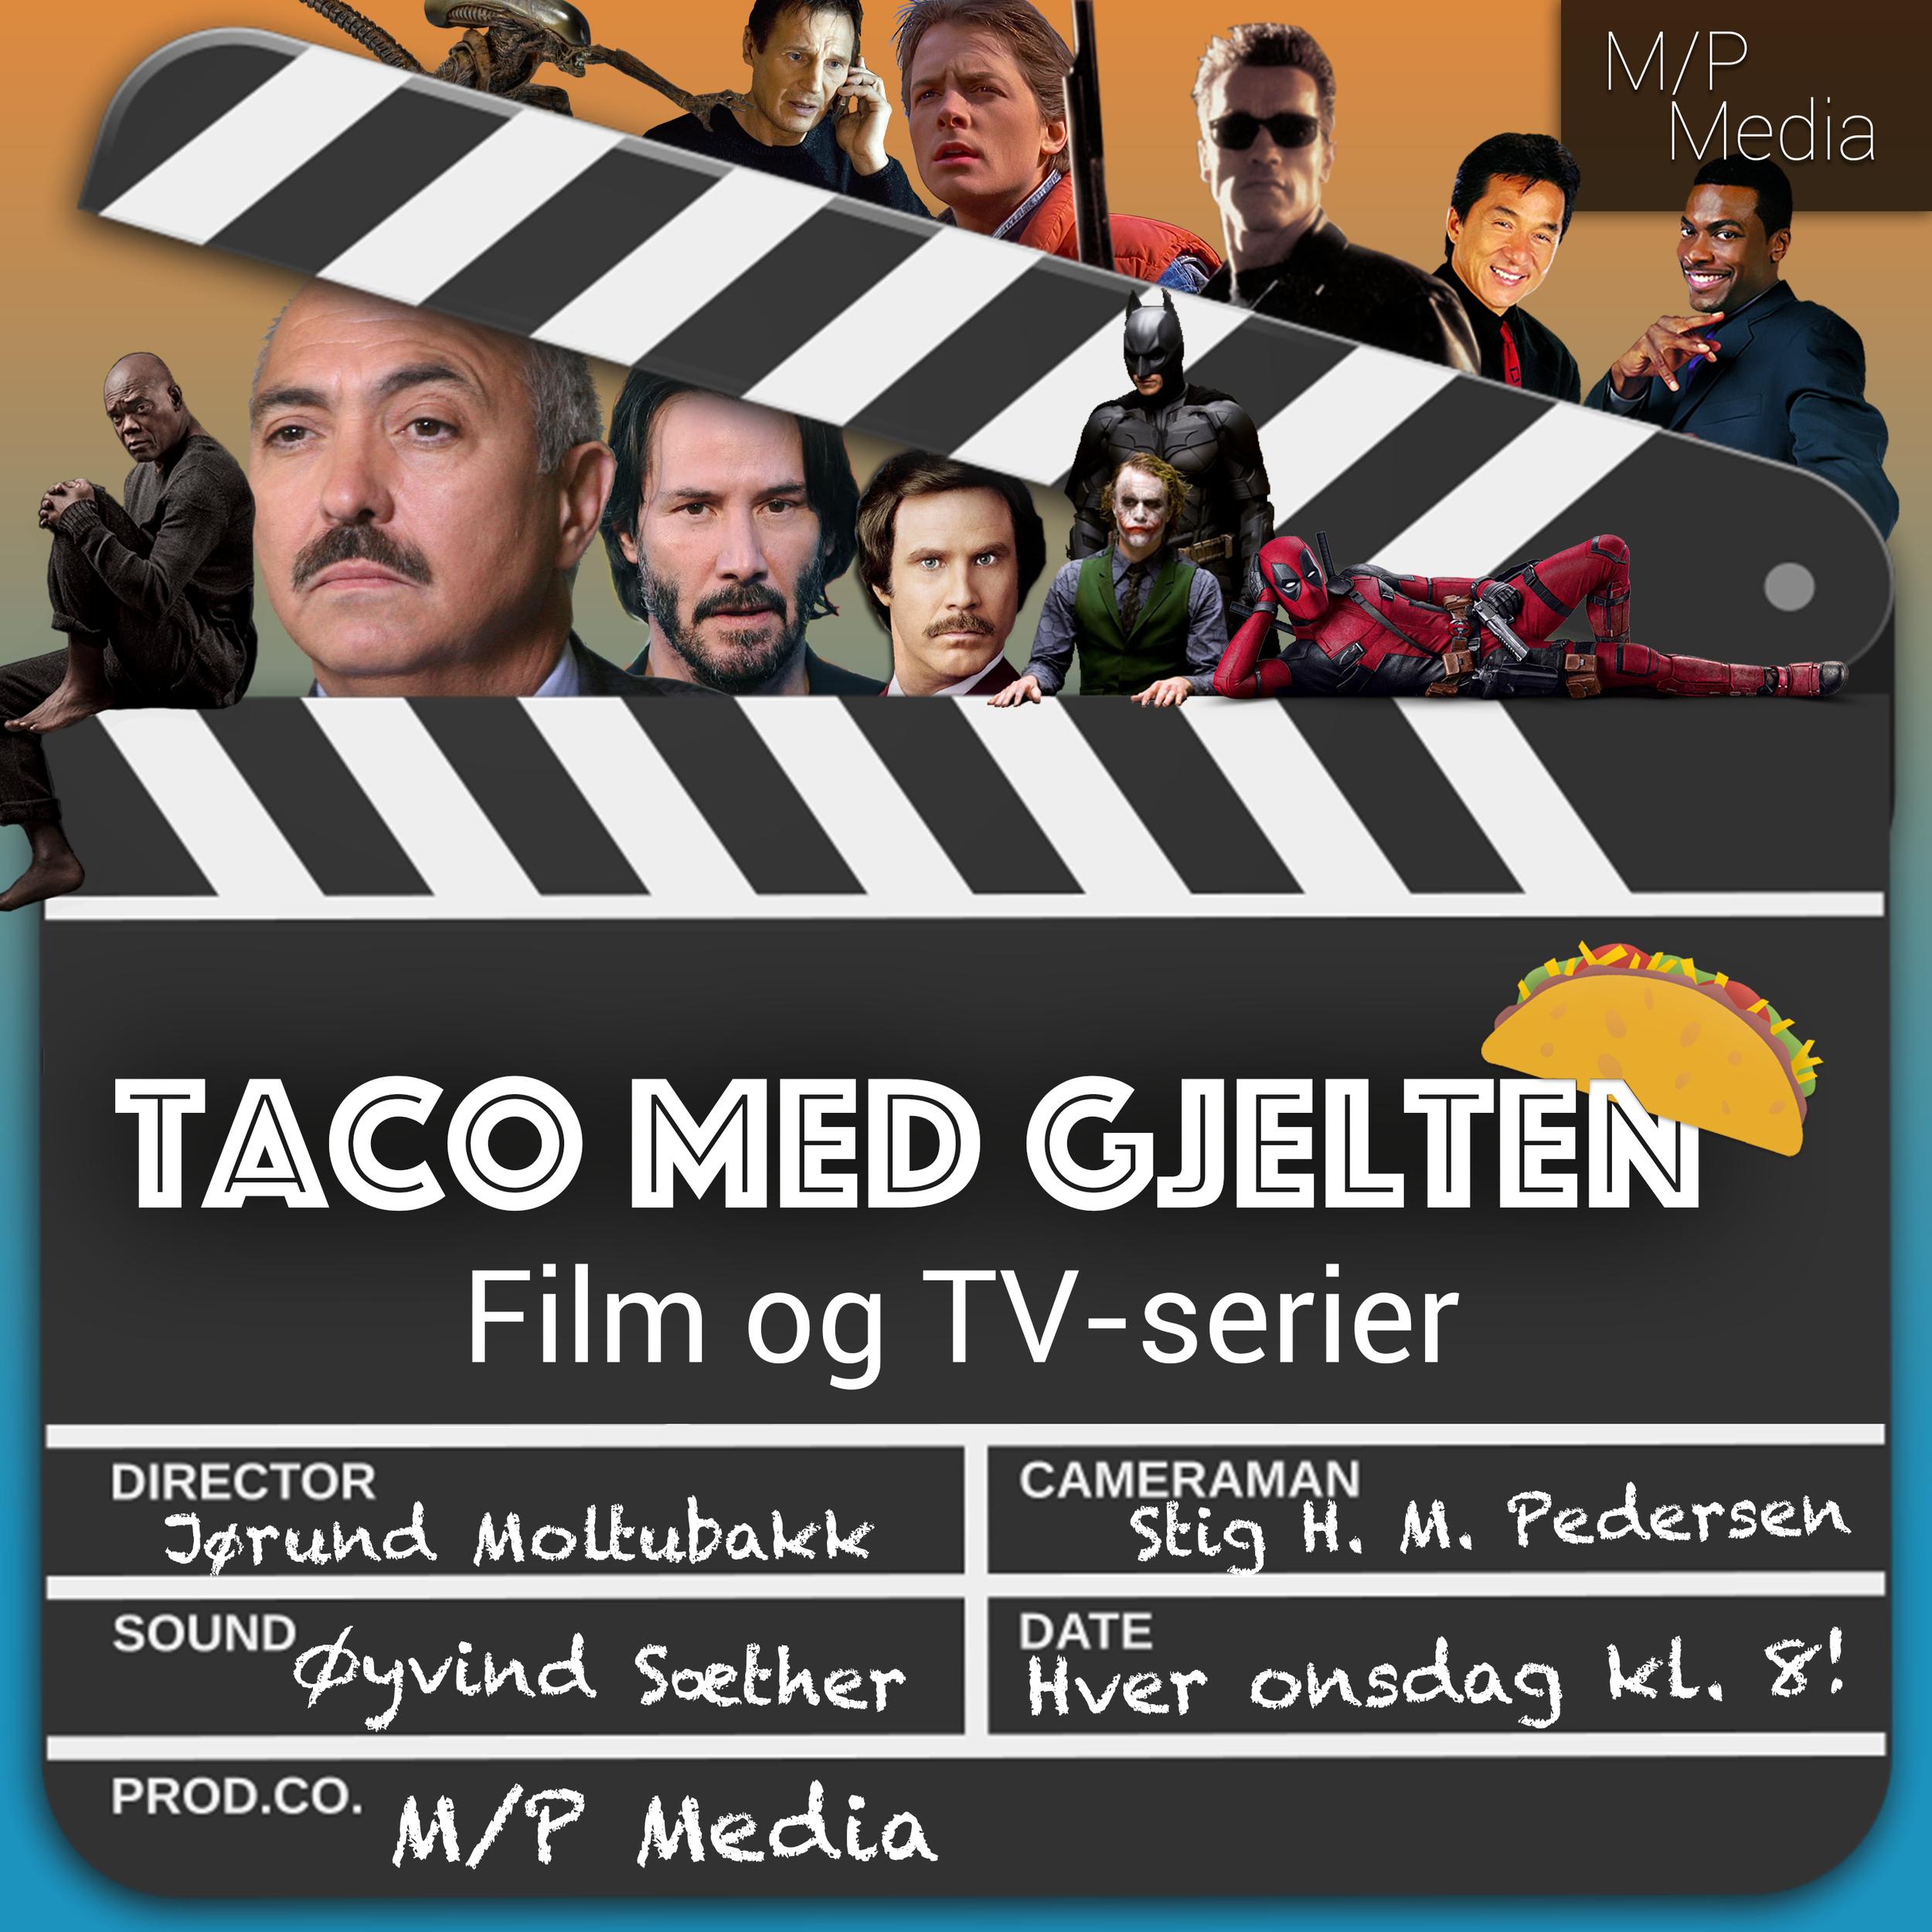 Taco med gjelten - En god film eller serie diskuteres best i gode venners lag. Jørund, Stig og Øyvind tar for seg film og TV-serier.